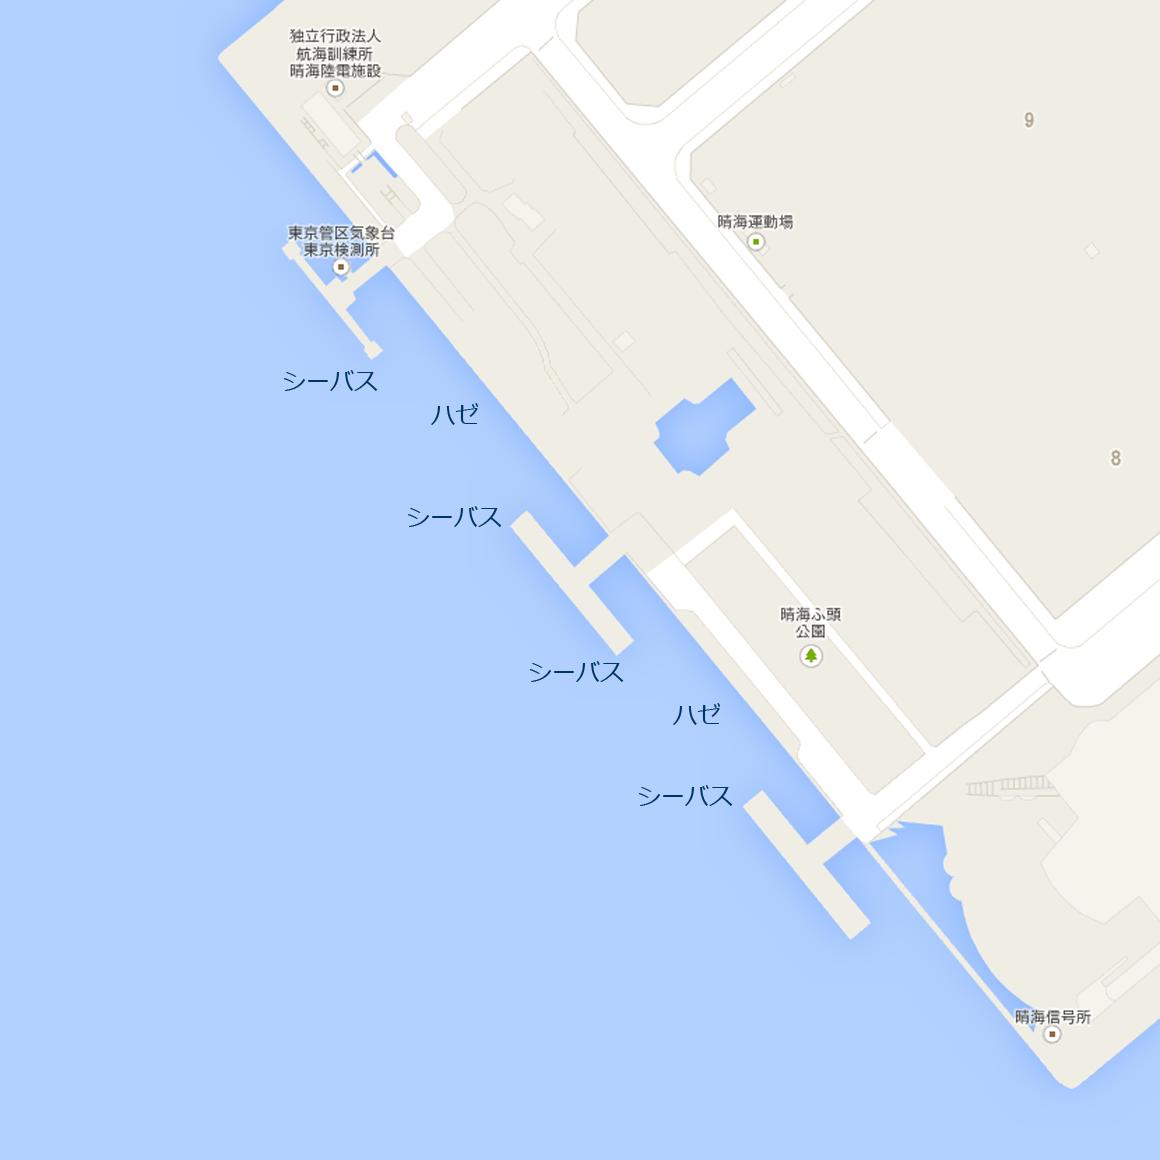 釣りマップ_晴海ふ頭公園